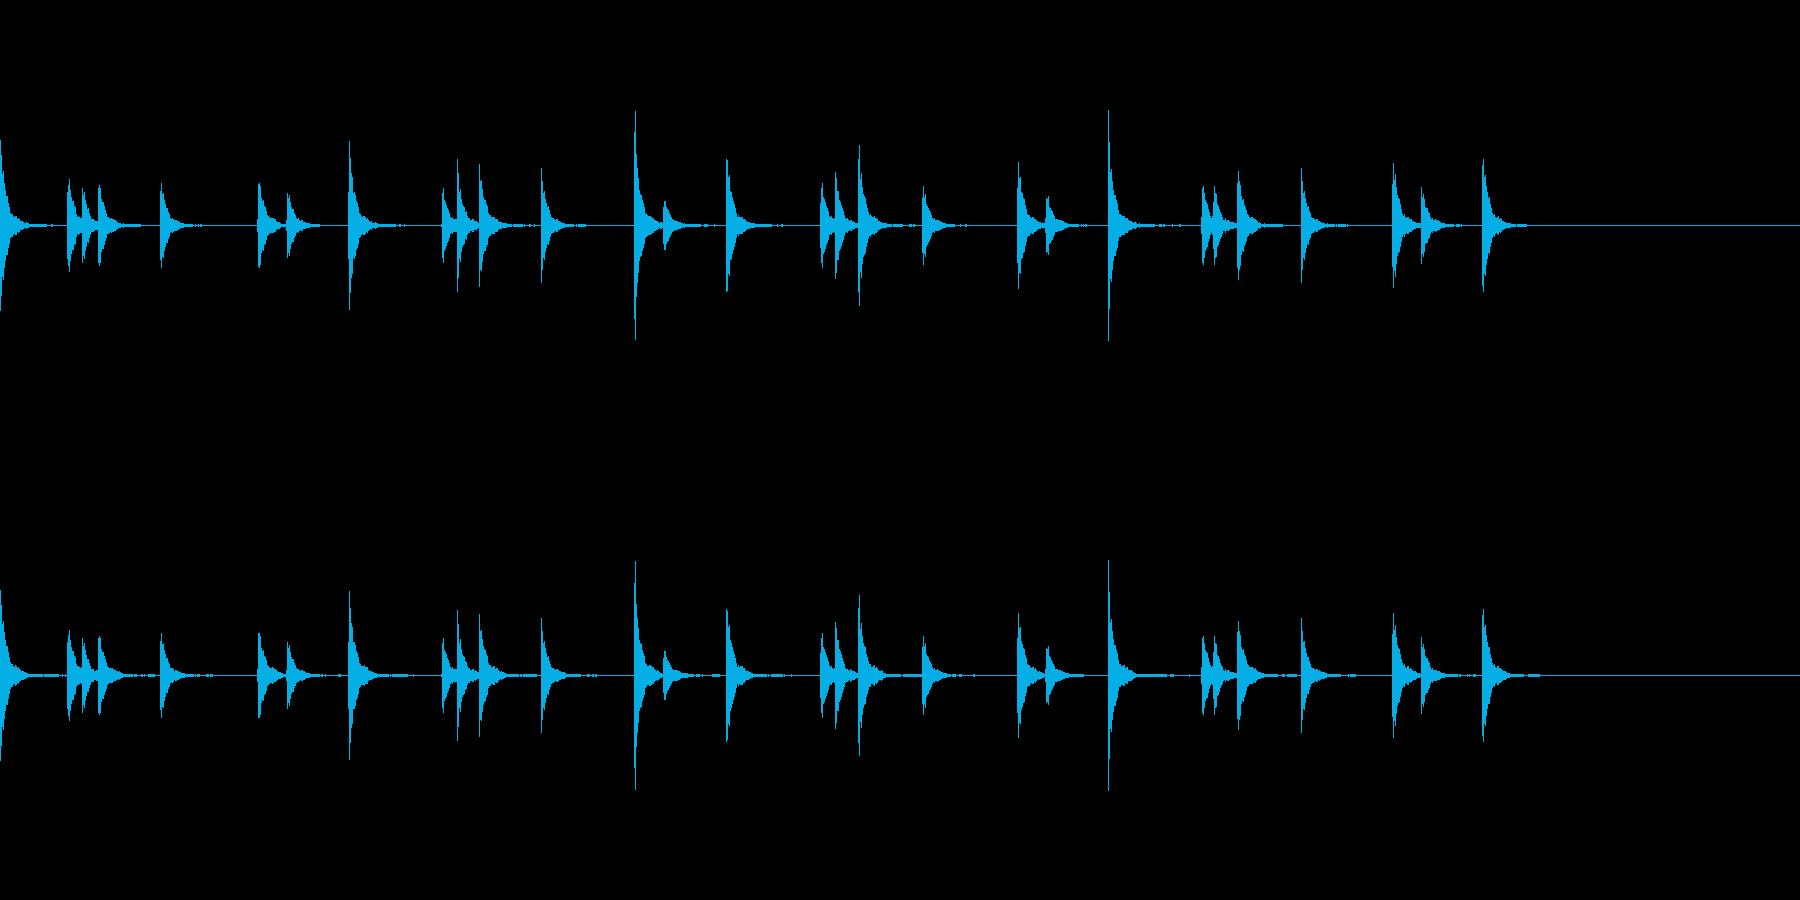 音侍 お囃子の当たり鉦のループ音リバーブの再生済みの波形